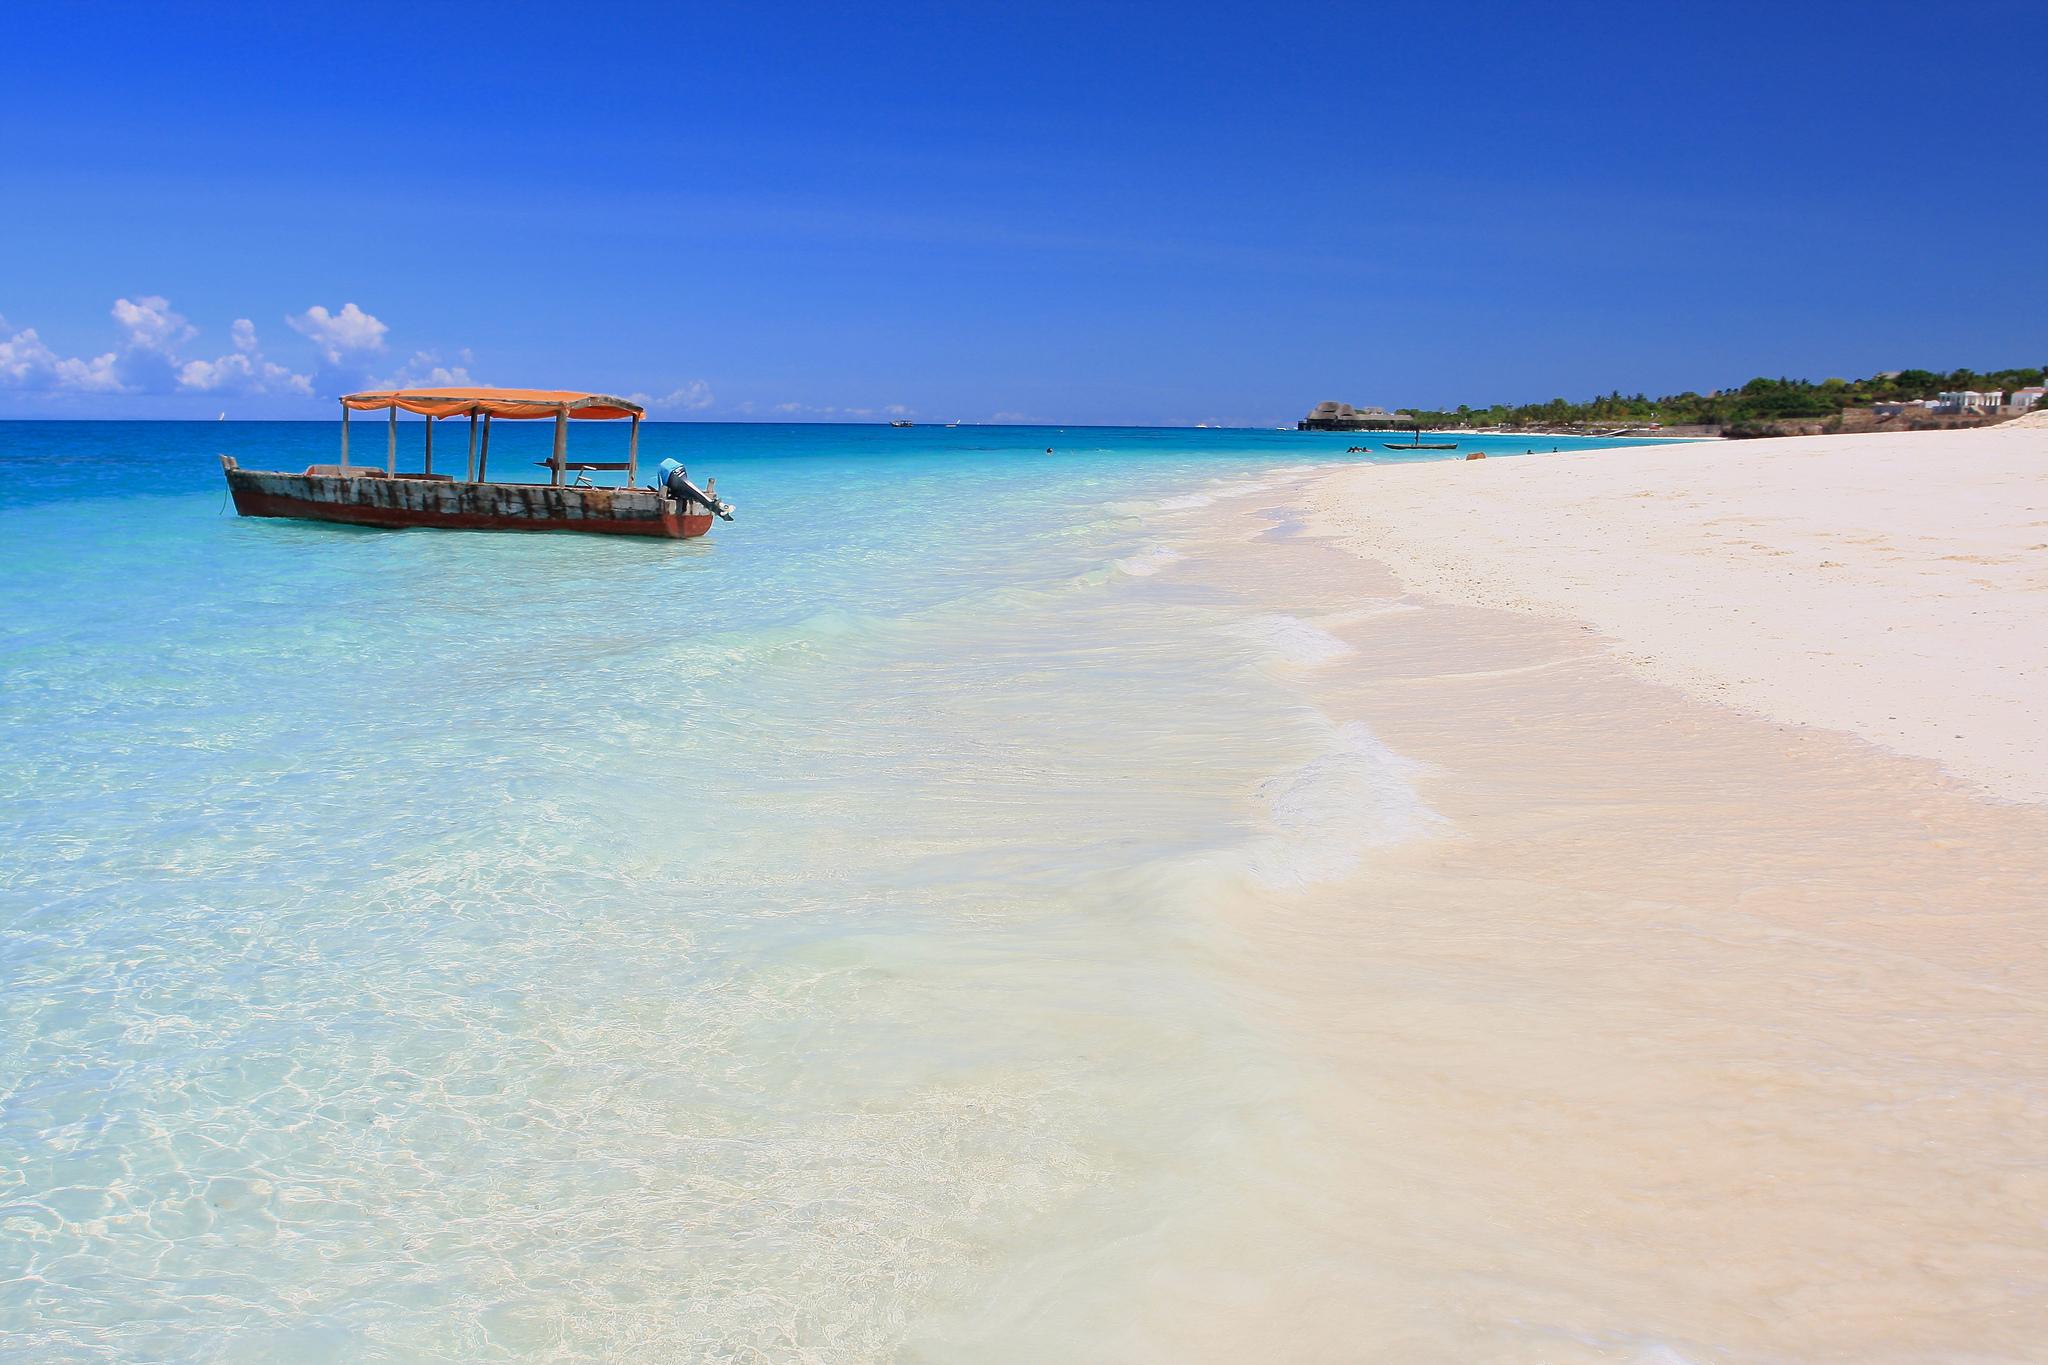 Tanzania, Zanzibar Island: description, attractions and interesting facts 23